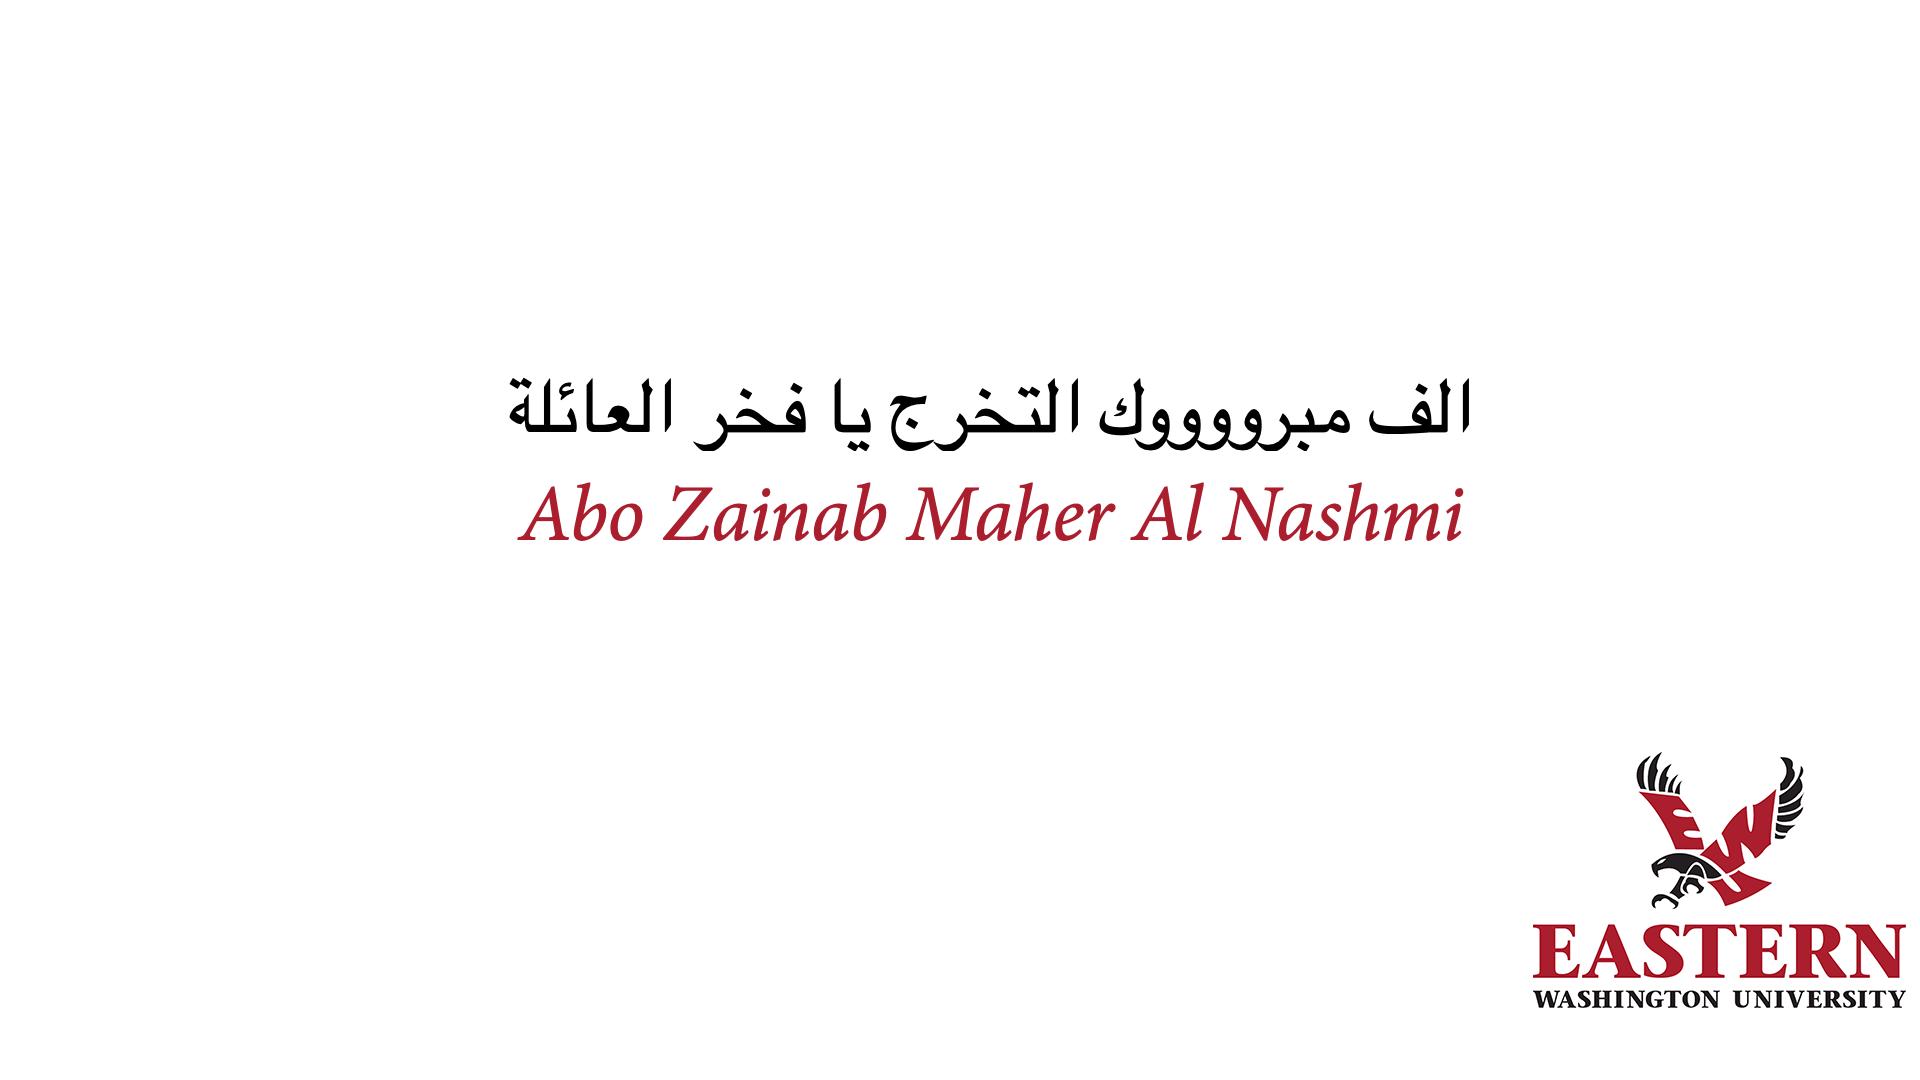 tbi_abdulraouf-abdullah-h-alnashmi_6978.png